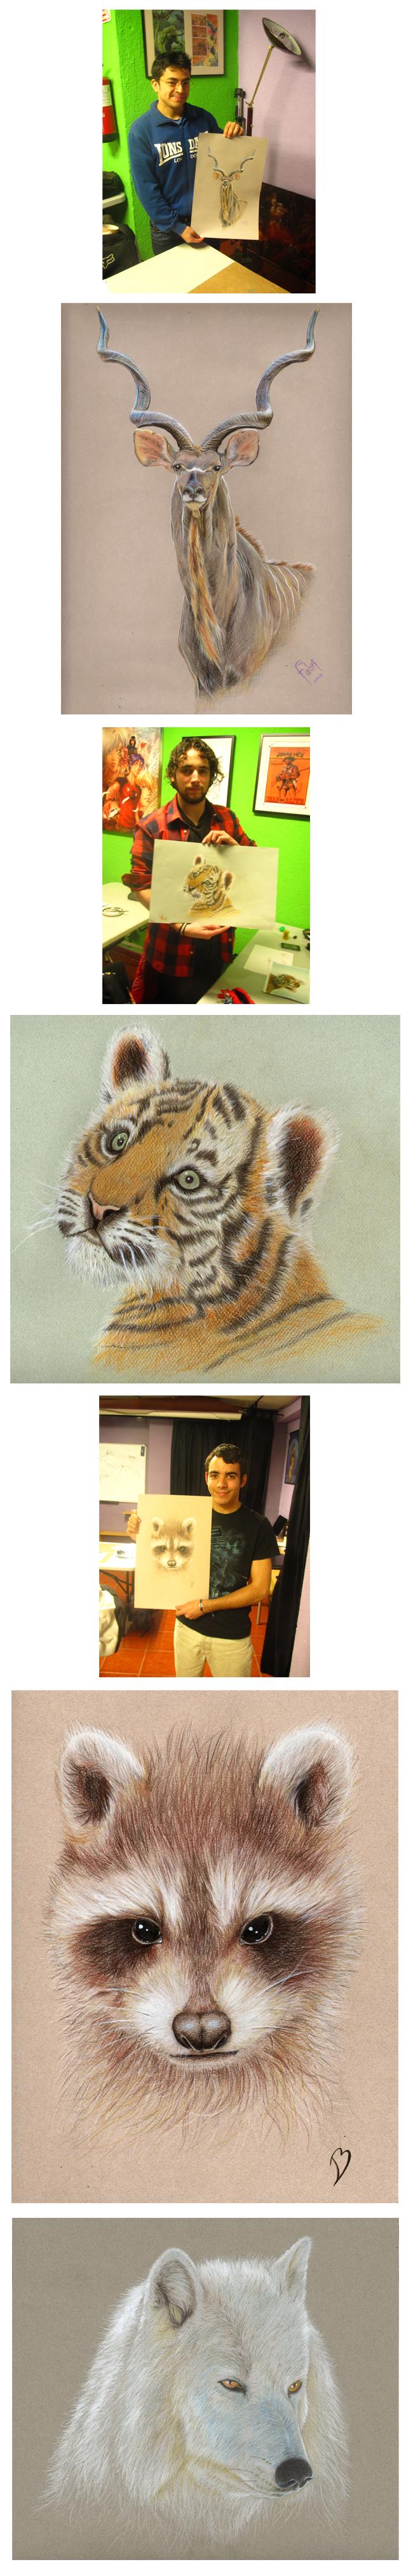 trabajos-ilustracion-tradicional-alumnos-masterc10-cursos-academiac10